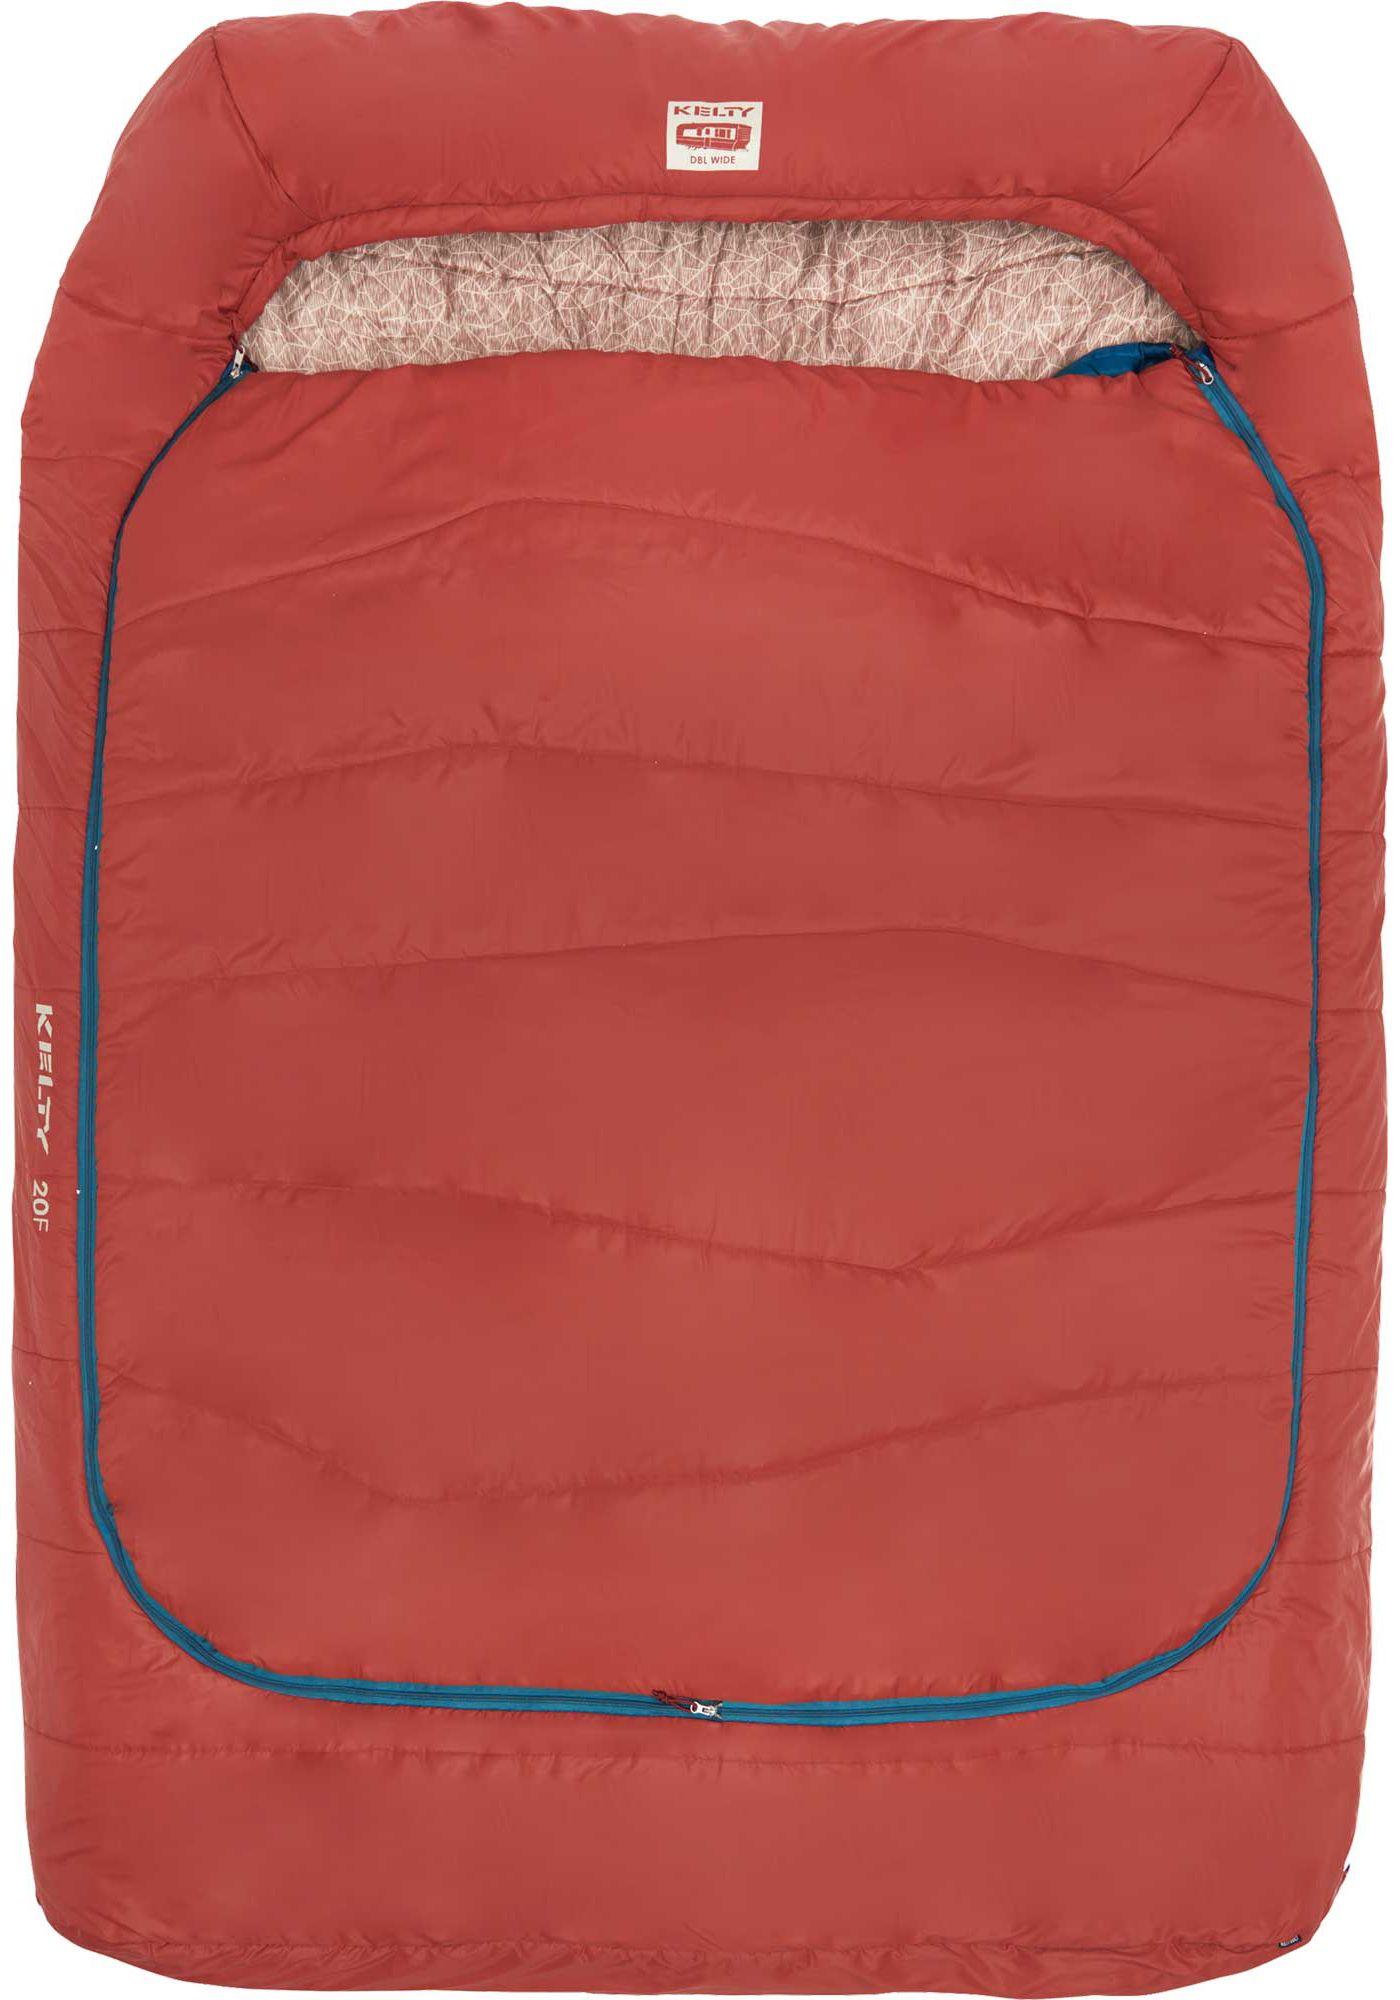 Kelty Tru.Comfort Doublewide 20° Sleeping Bag